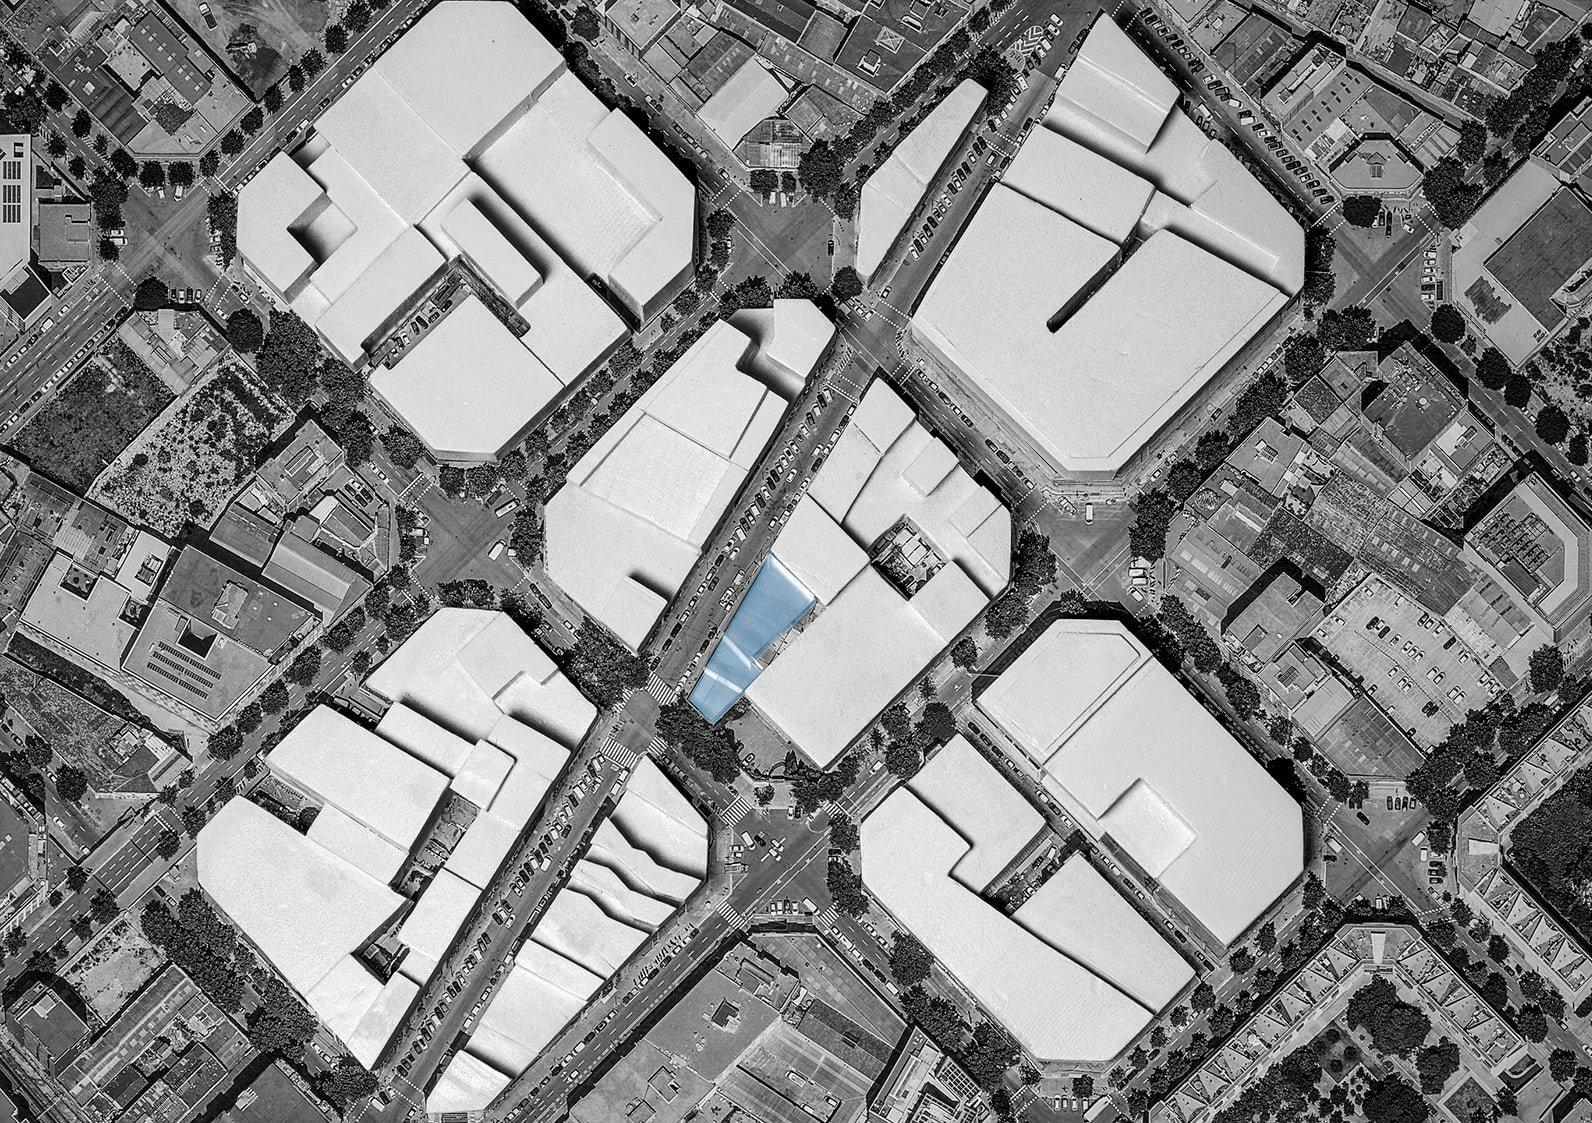 Mediante el escalonamiento del edificio se consigue una transición entre las dos manzanas enfrentadas, consiguiendo una mejor integración urbana del nuevo edificio.